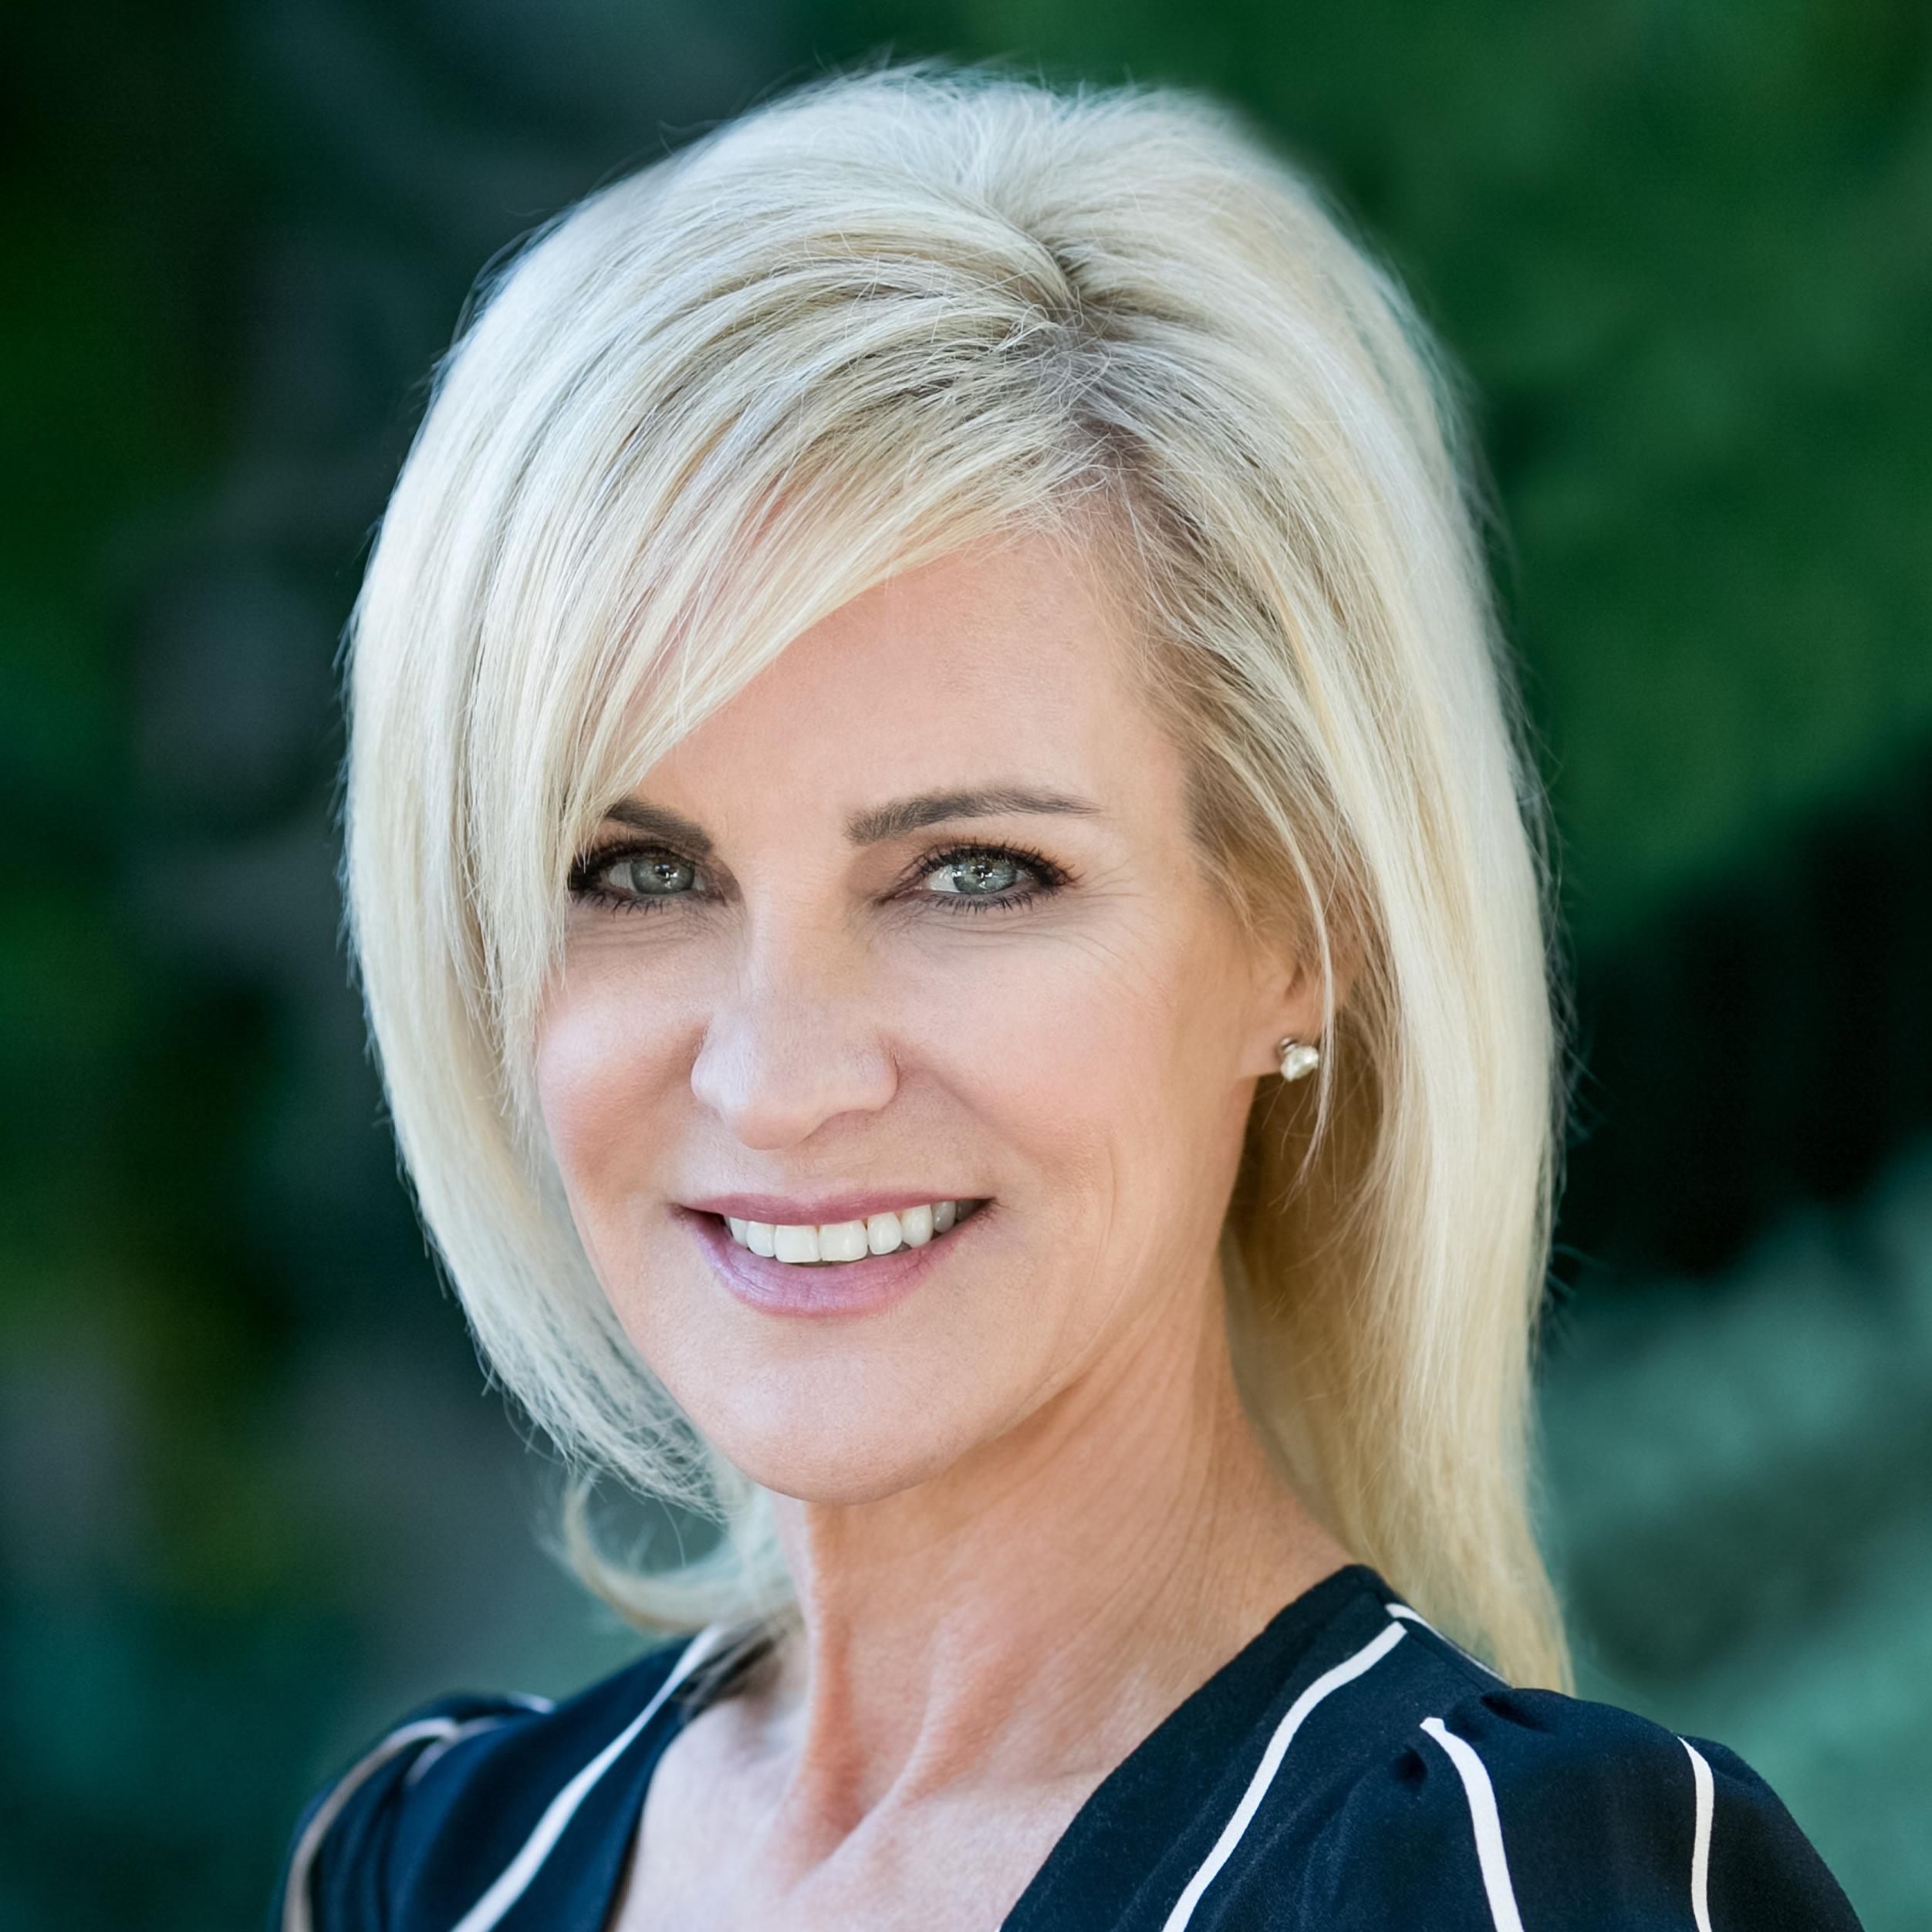 Jill Stark